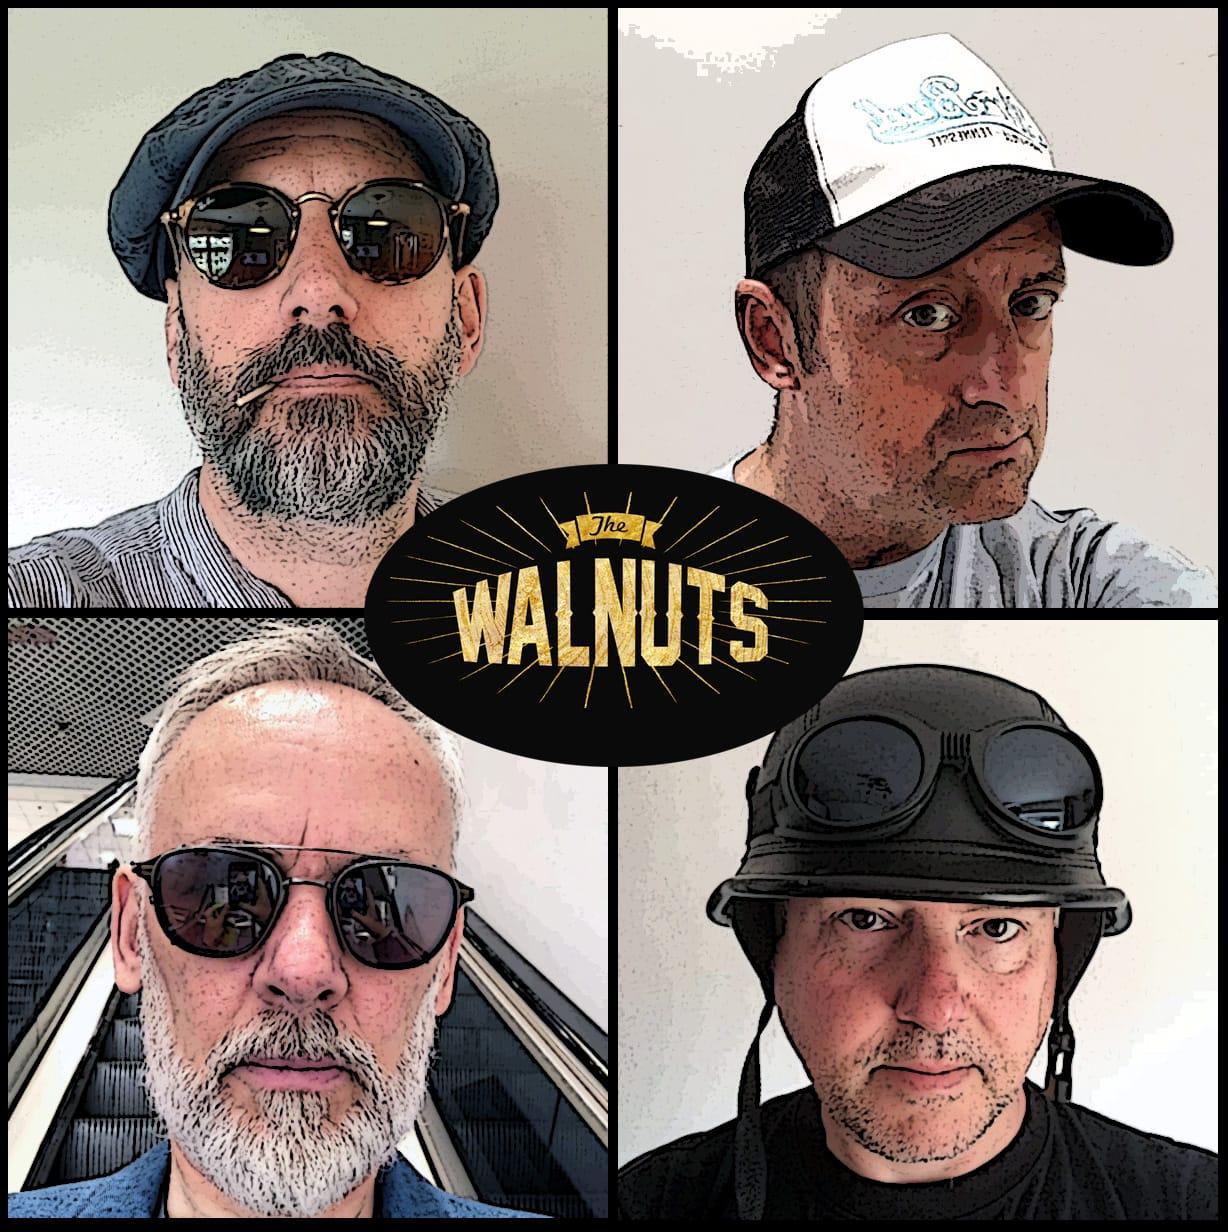 The Walnuts